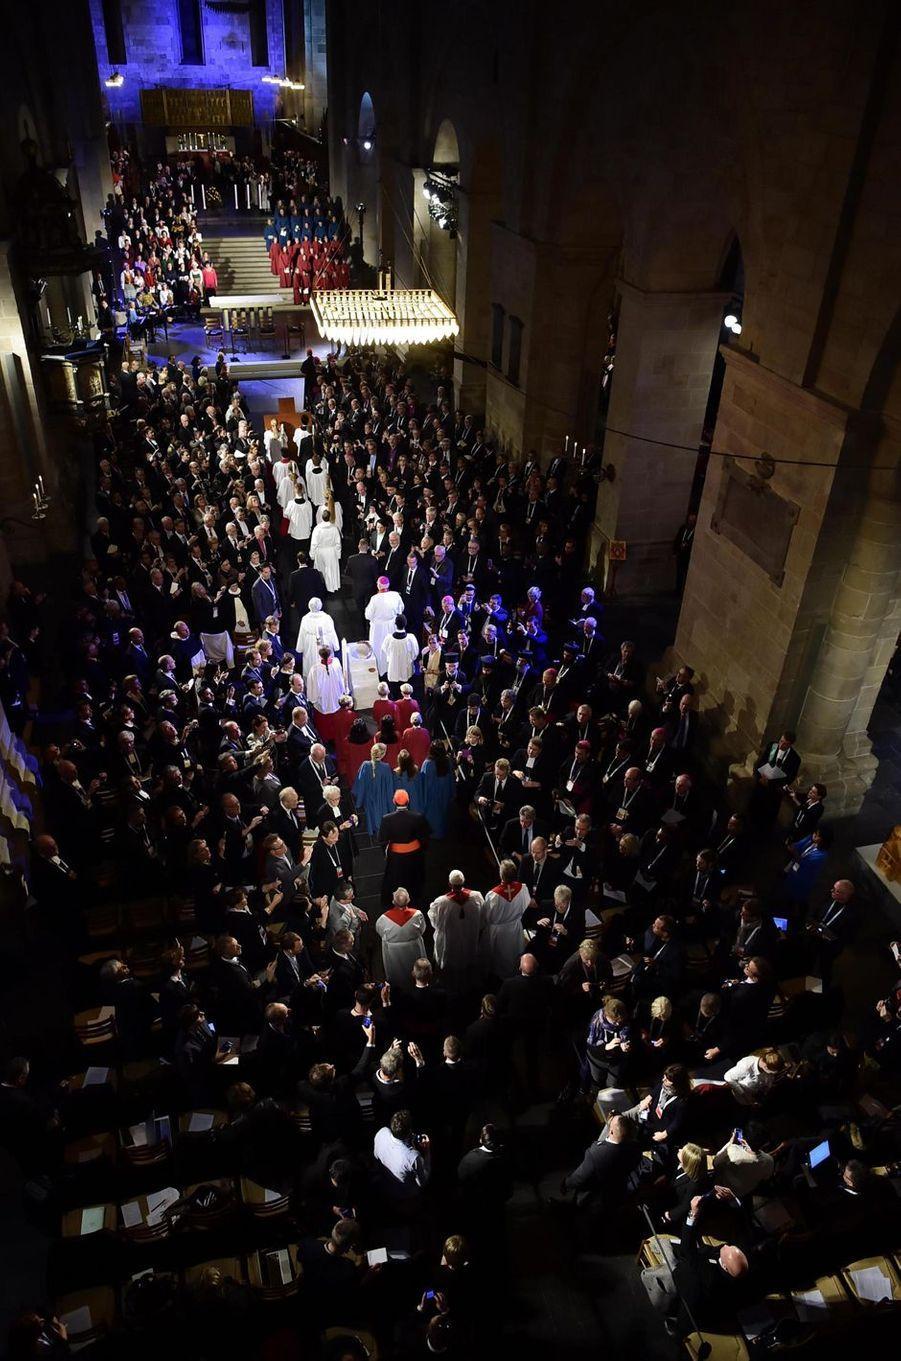 La reine Silvia et le roi Carl XVI Gustaf de Suède assistent à la prière œcuménique avec le pape François dans la cathédrale luthérienne de Lund, le 31 octobre 2016